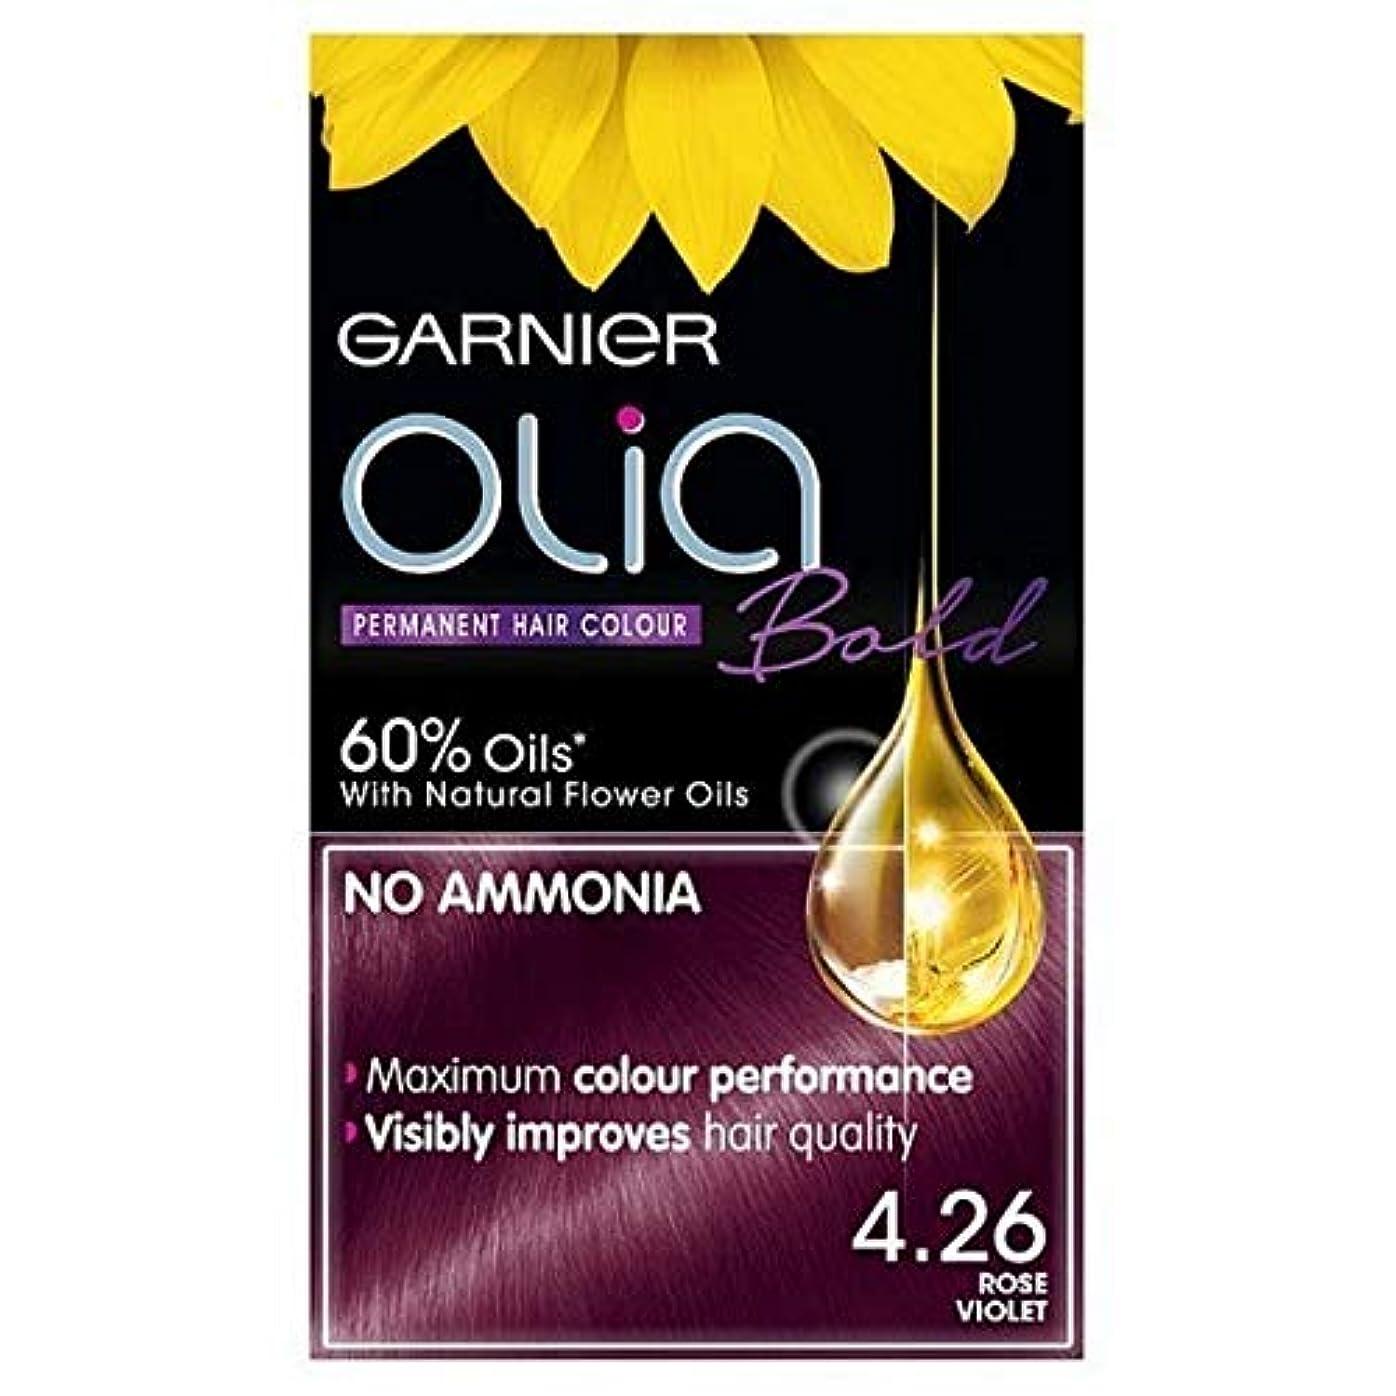 小川生き残りピニオン[Garnier ] ガルニエOlia大胆永久染毛剤は、紫4.26ローズ - Garnier Olia Bold Permanent Hair Dye Rose Violet 4.26 [並行輸入品]